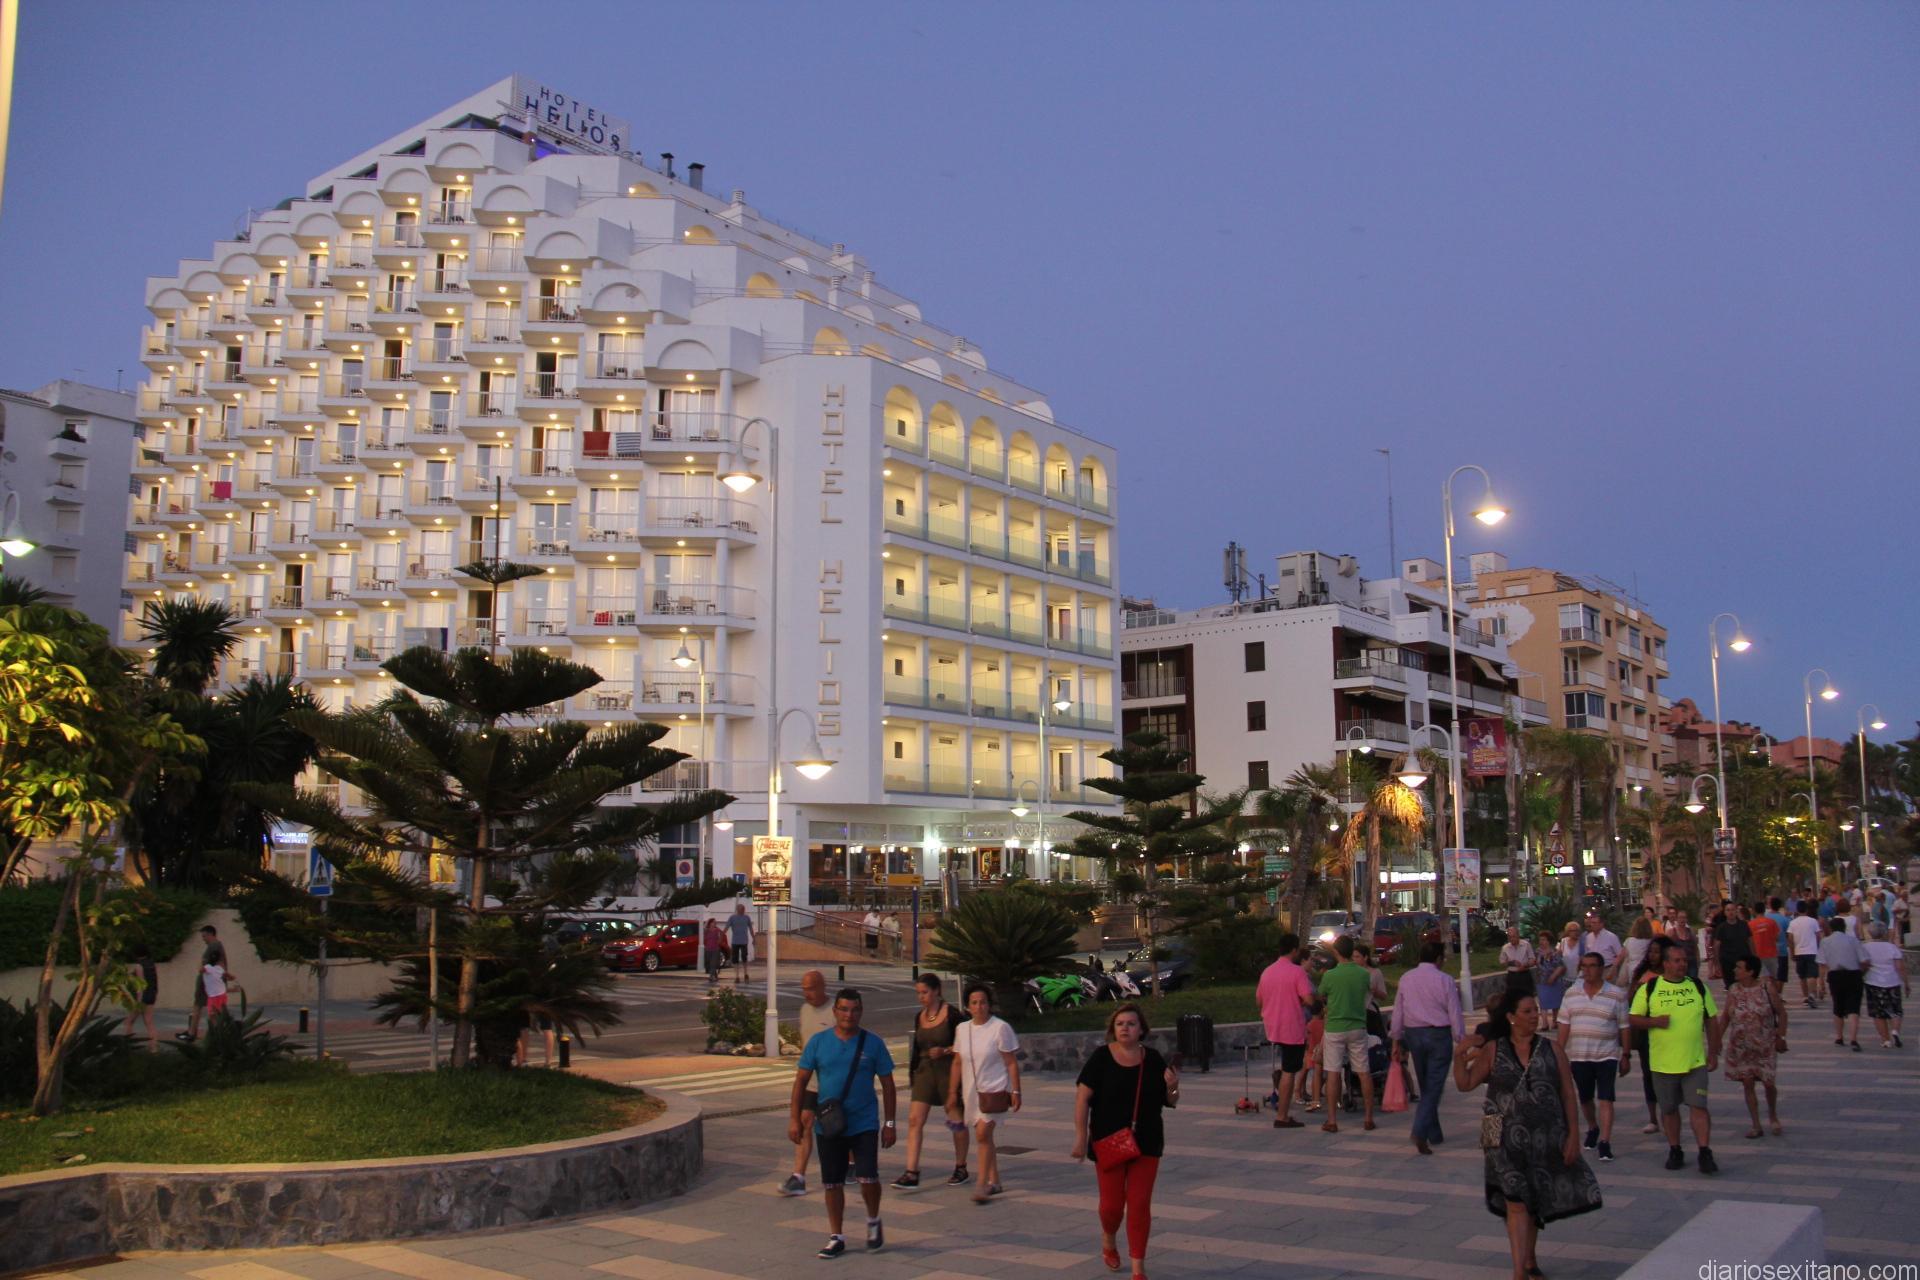 AMBIENTE PASEO SAN CRISTOBAL JUNTO HOTEL HELIOS 16